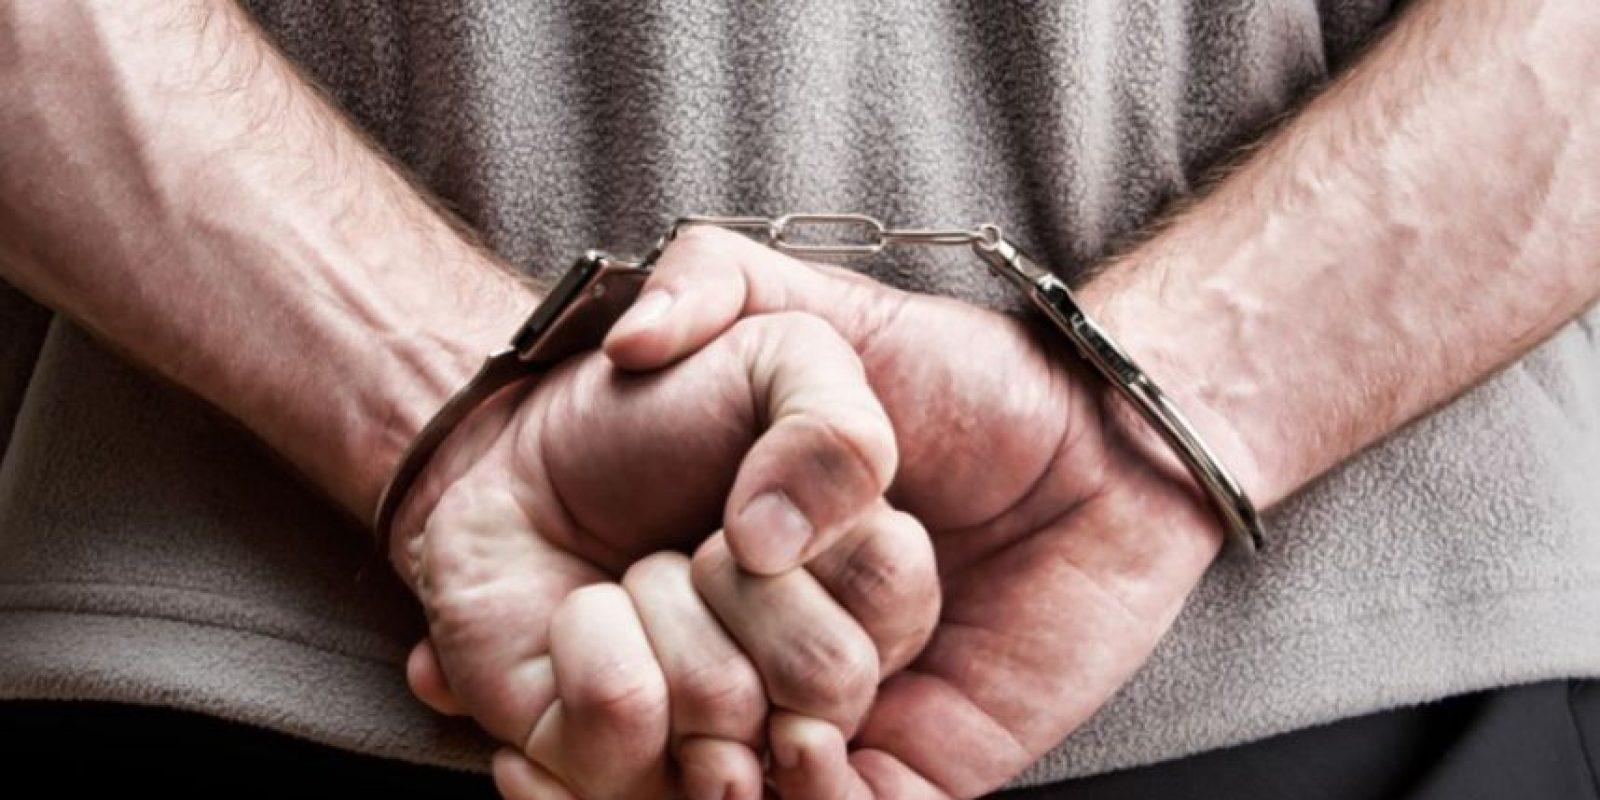 Esta información es valiosa para el establecimiento de programas para la prevención de delitos violentos. Foto:Pixabay